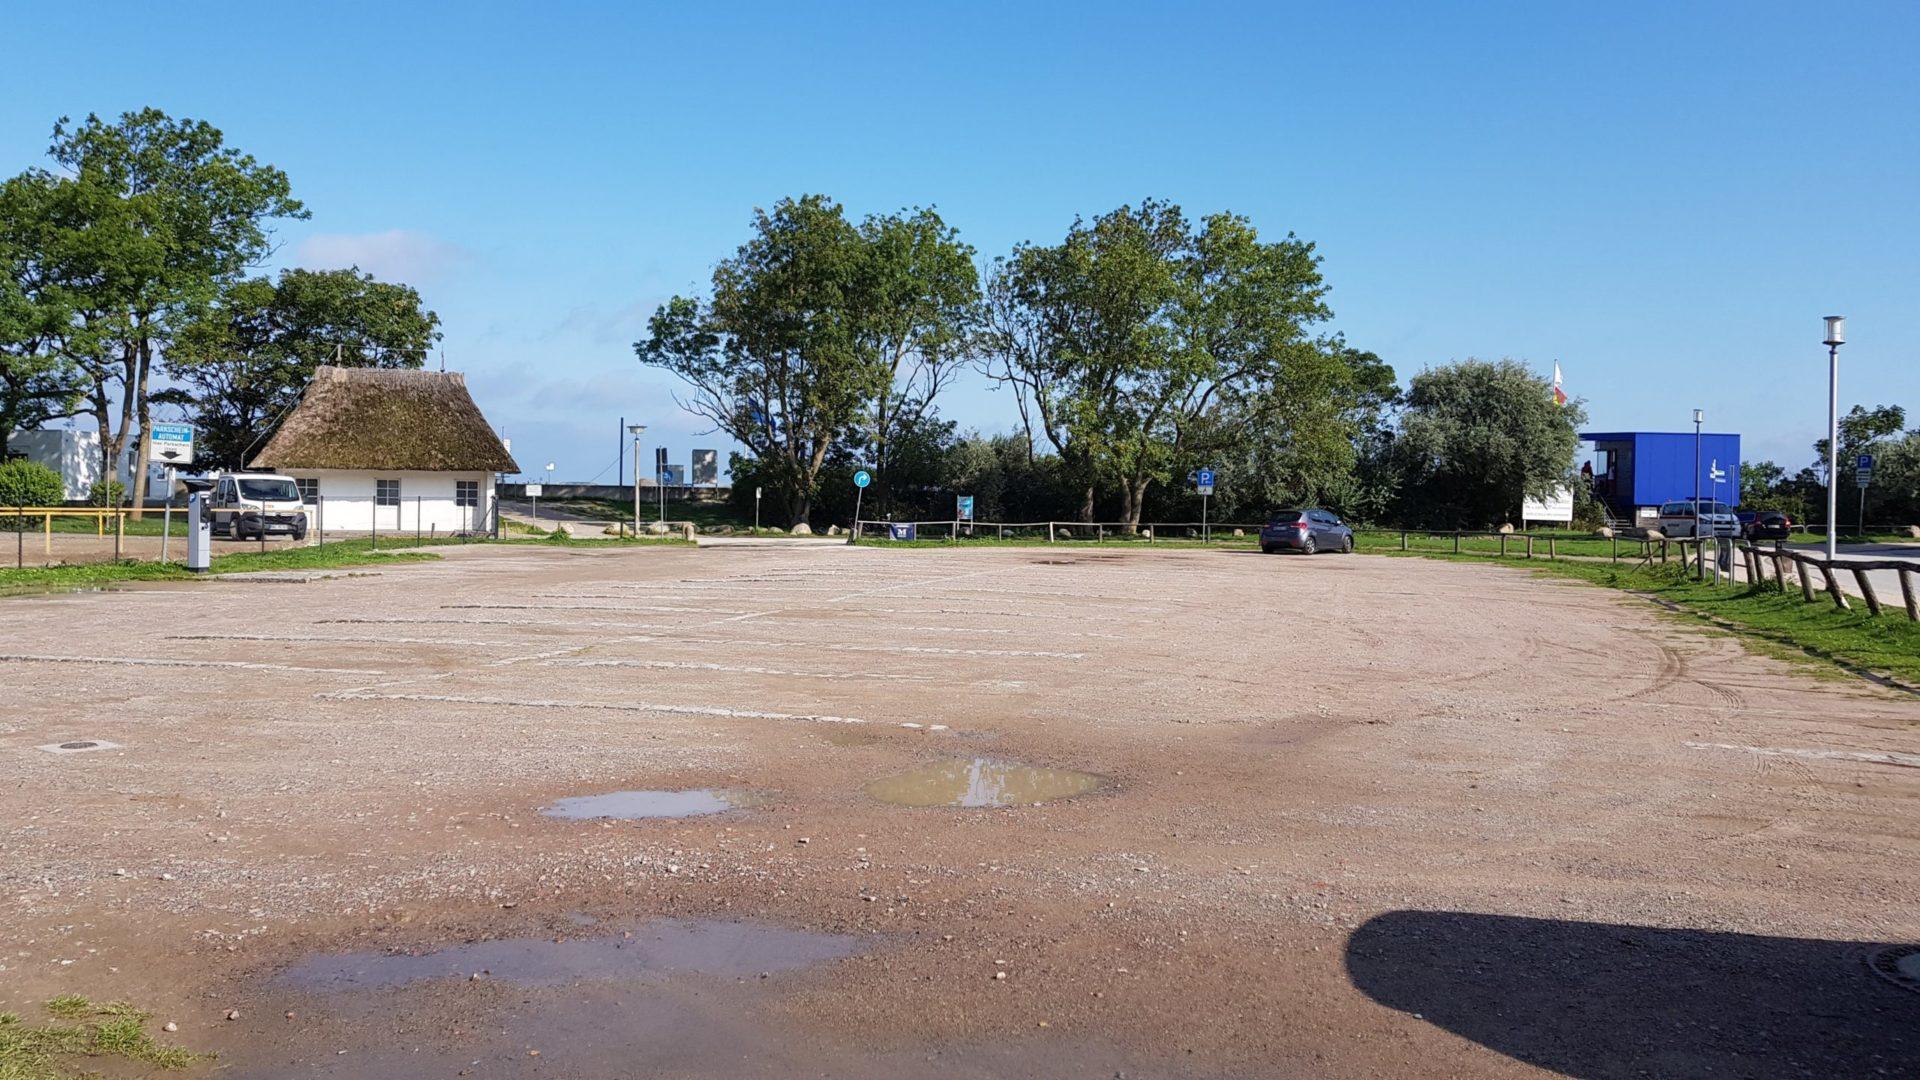 Parkplatz am Strand von Heiligendamm mit Zugang zur Promenade und Medinis